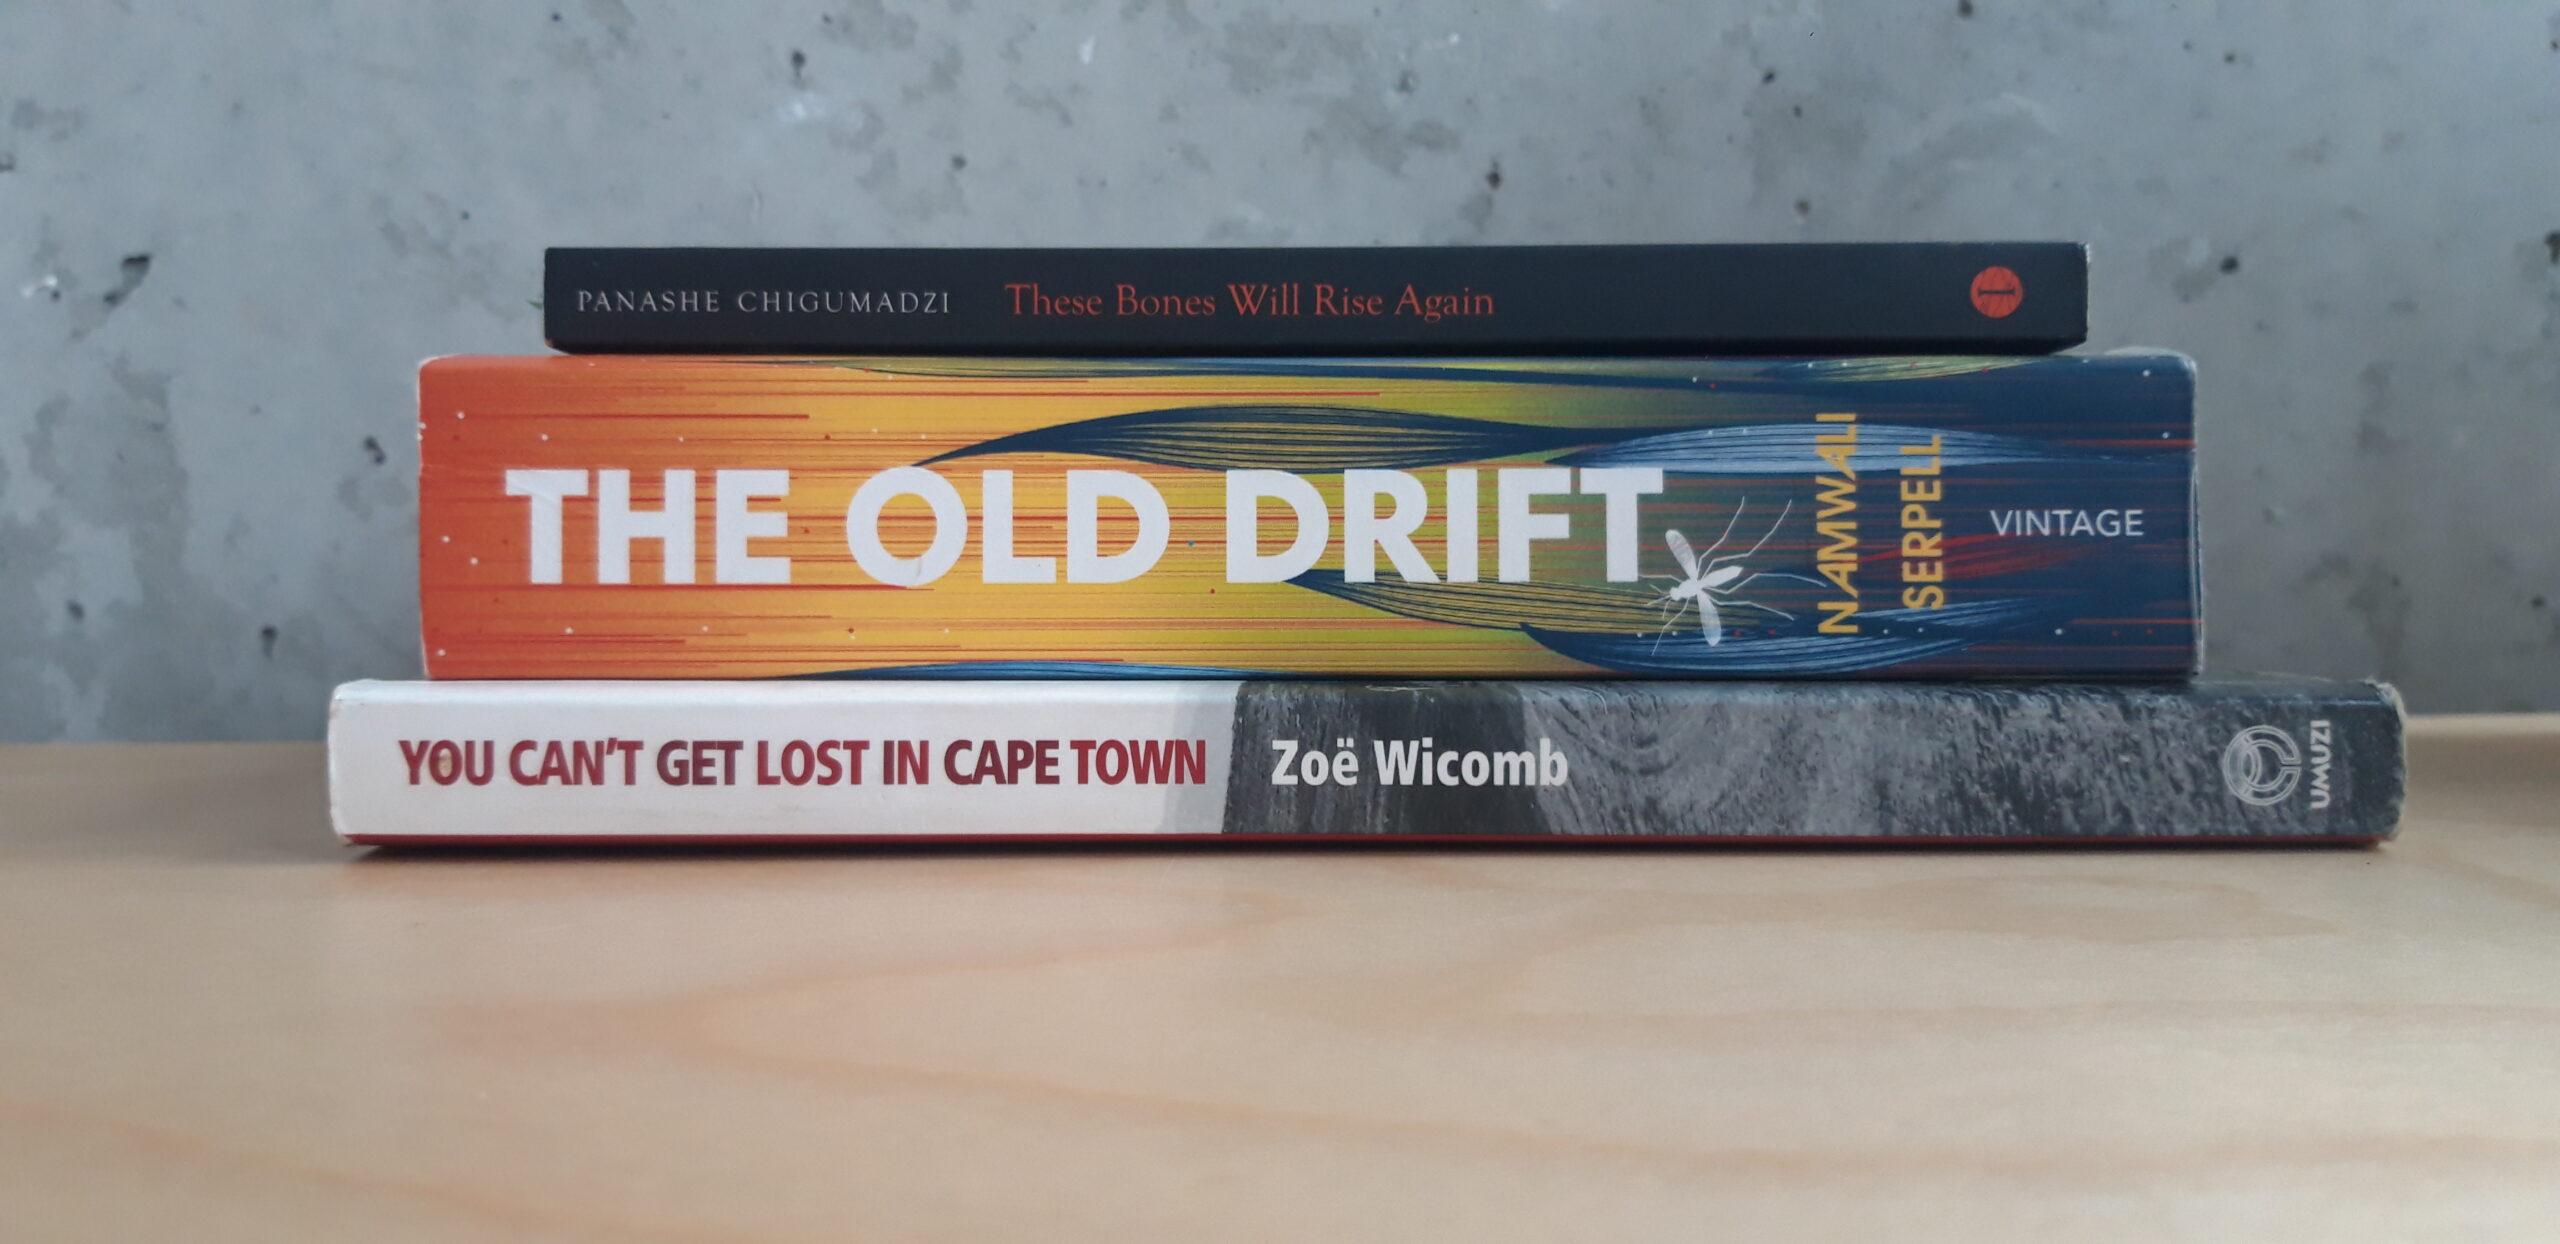 5 lesenswerte Bücher, die im südlichen Afrika spielen